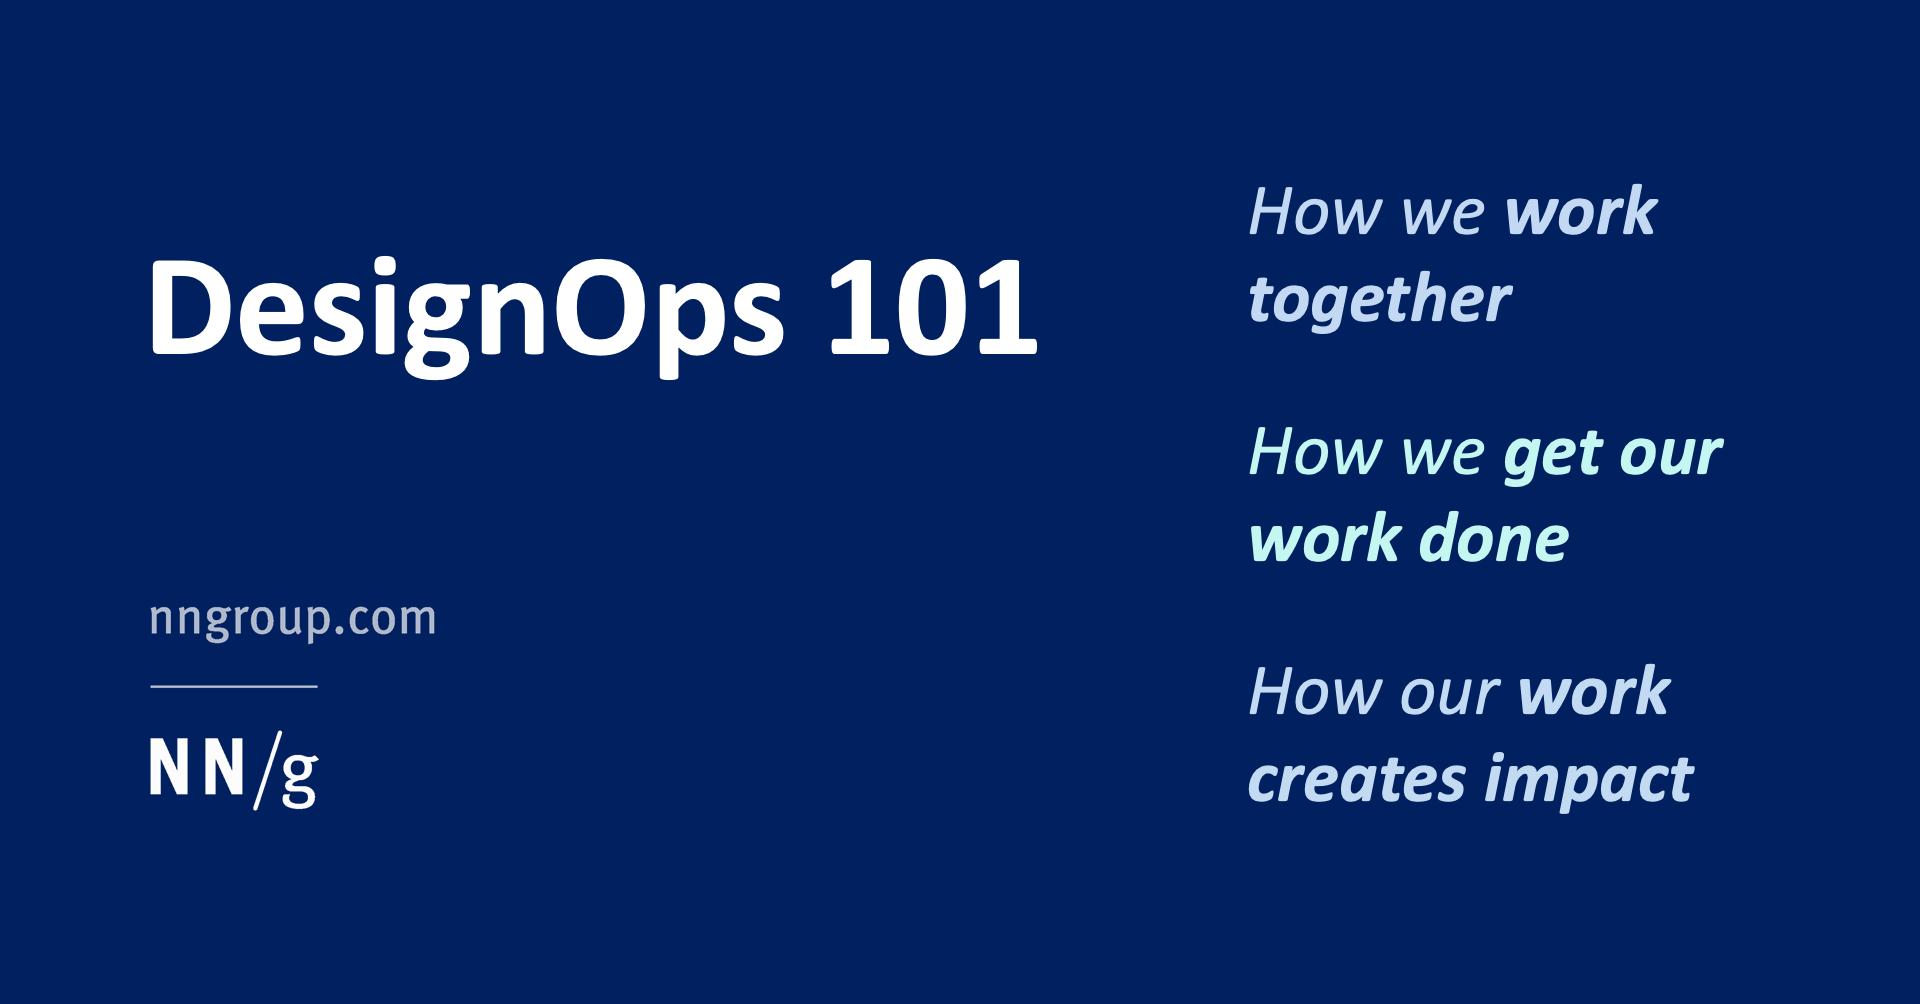 DesignOps 101